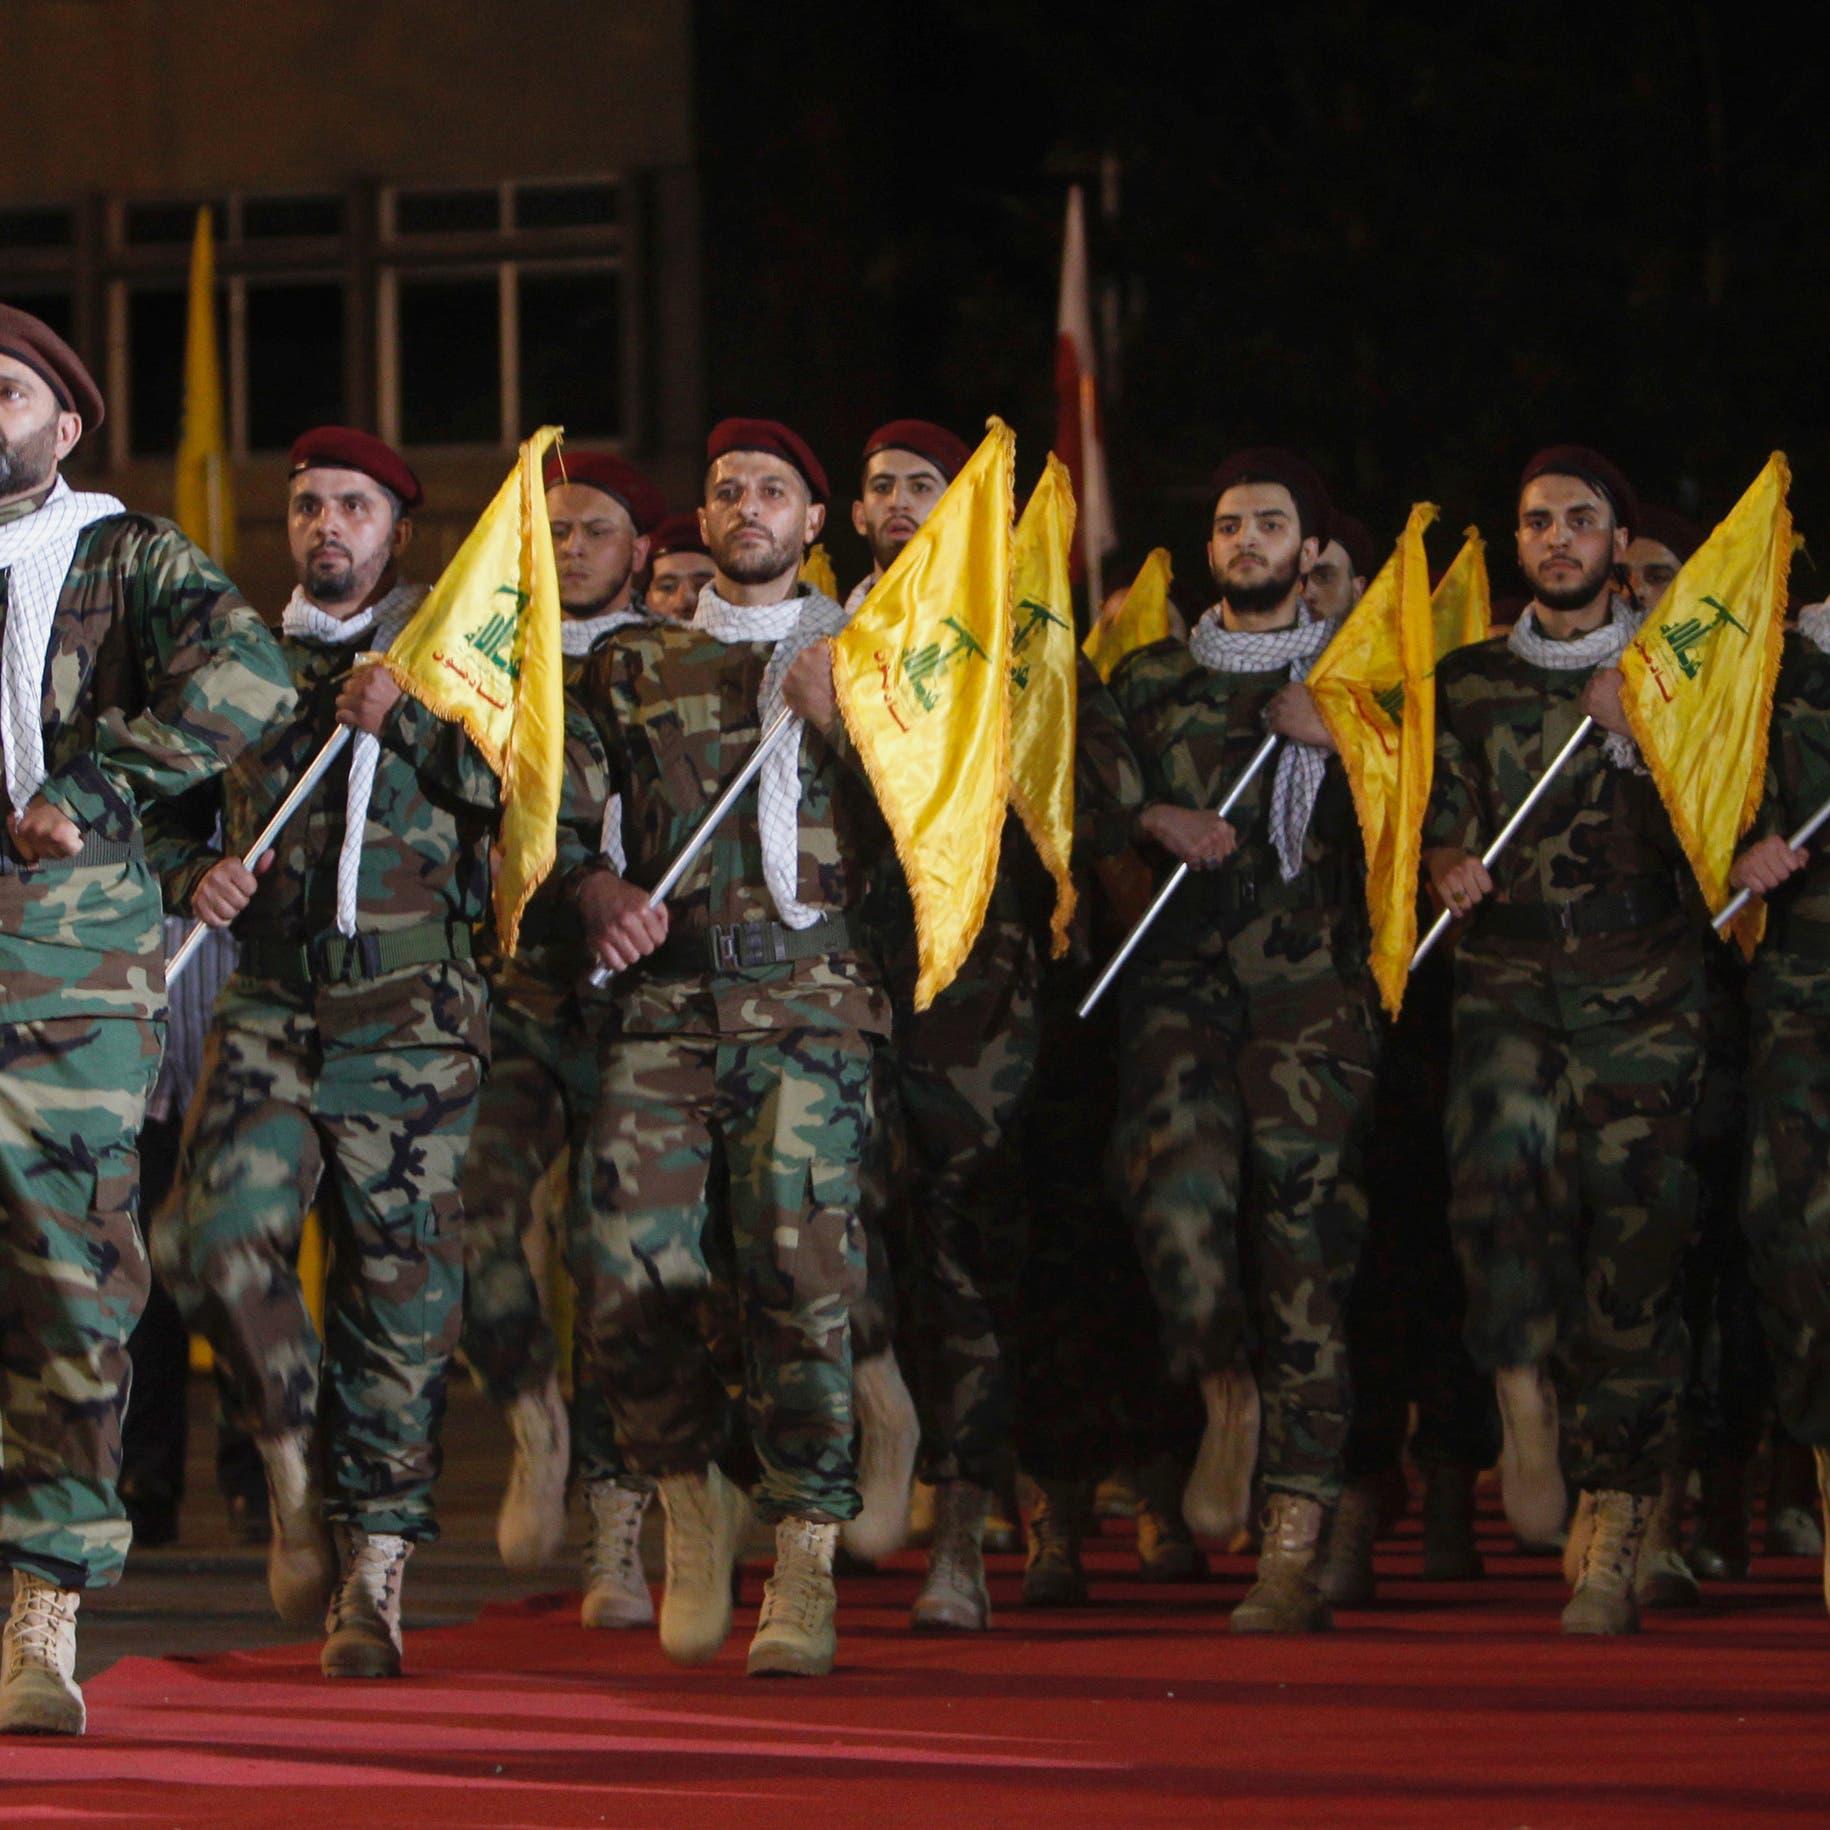 بالتفاصيل.. هكذا يبسط حزب اللهدويلته ويمدد اقتصاده